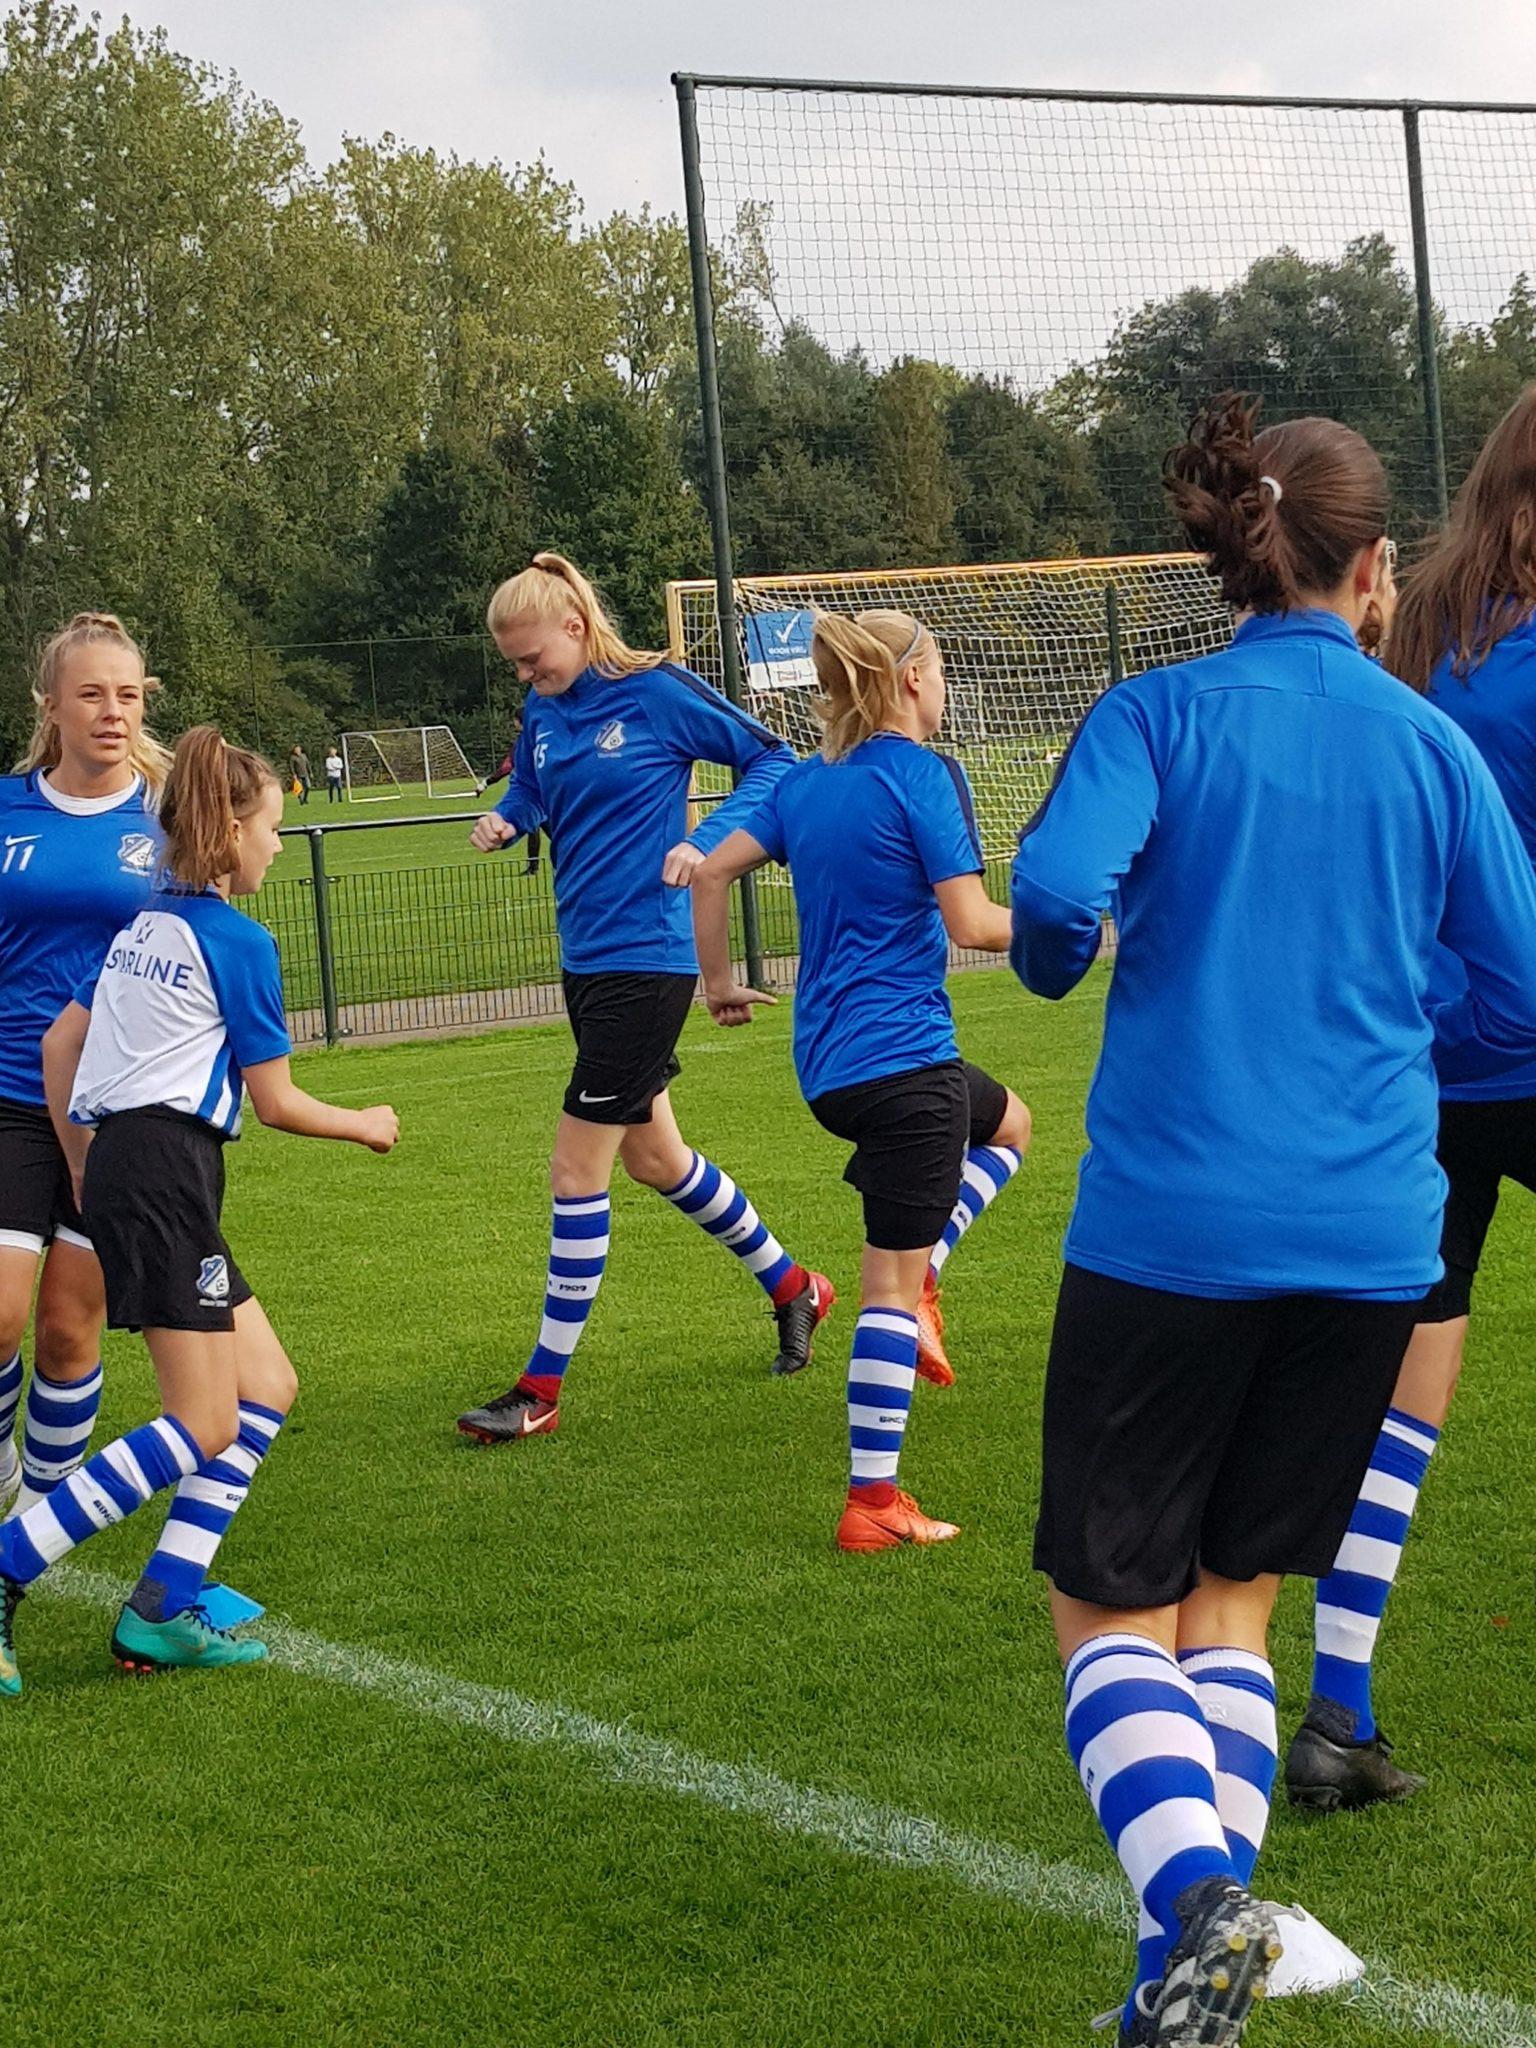 Pupil van de Week - 5 oktober 2019 - FC Eindhoven AV Vrouwen 1